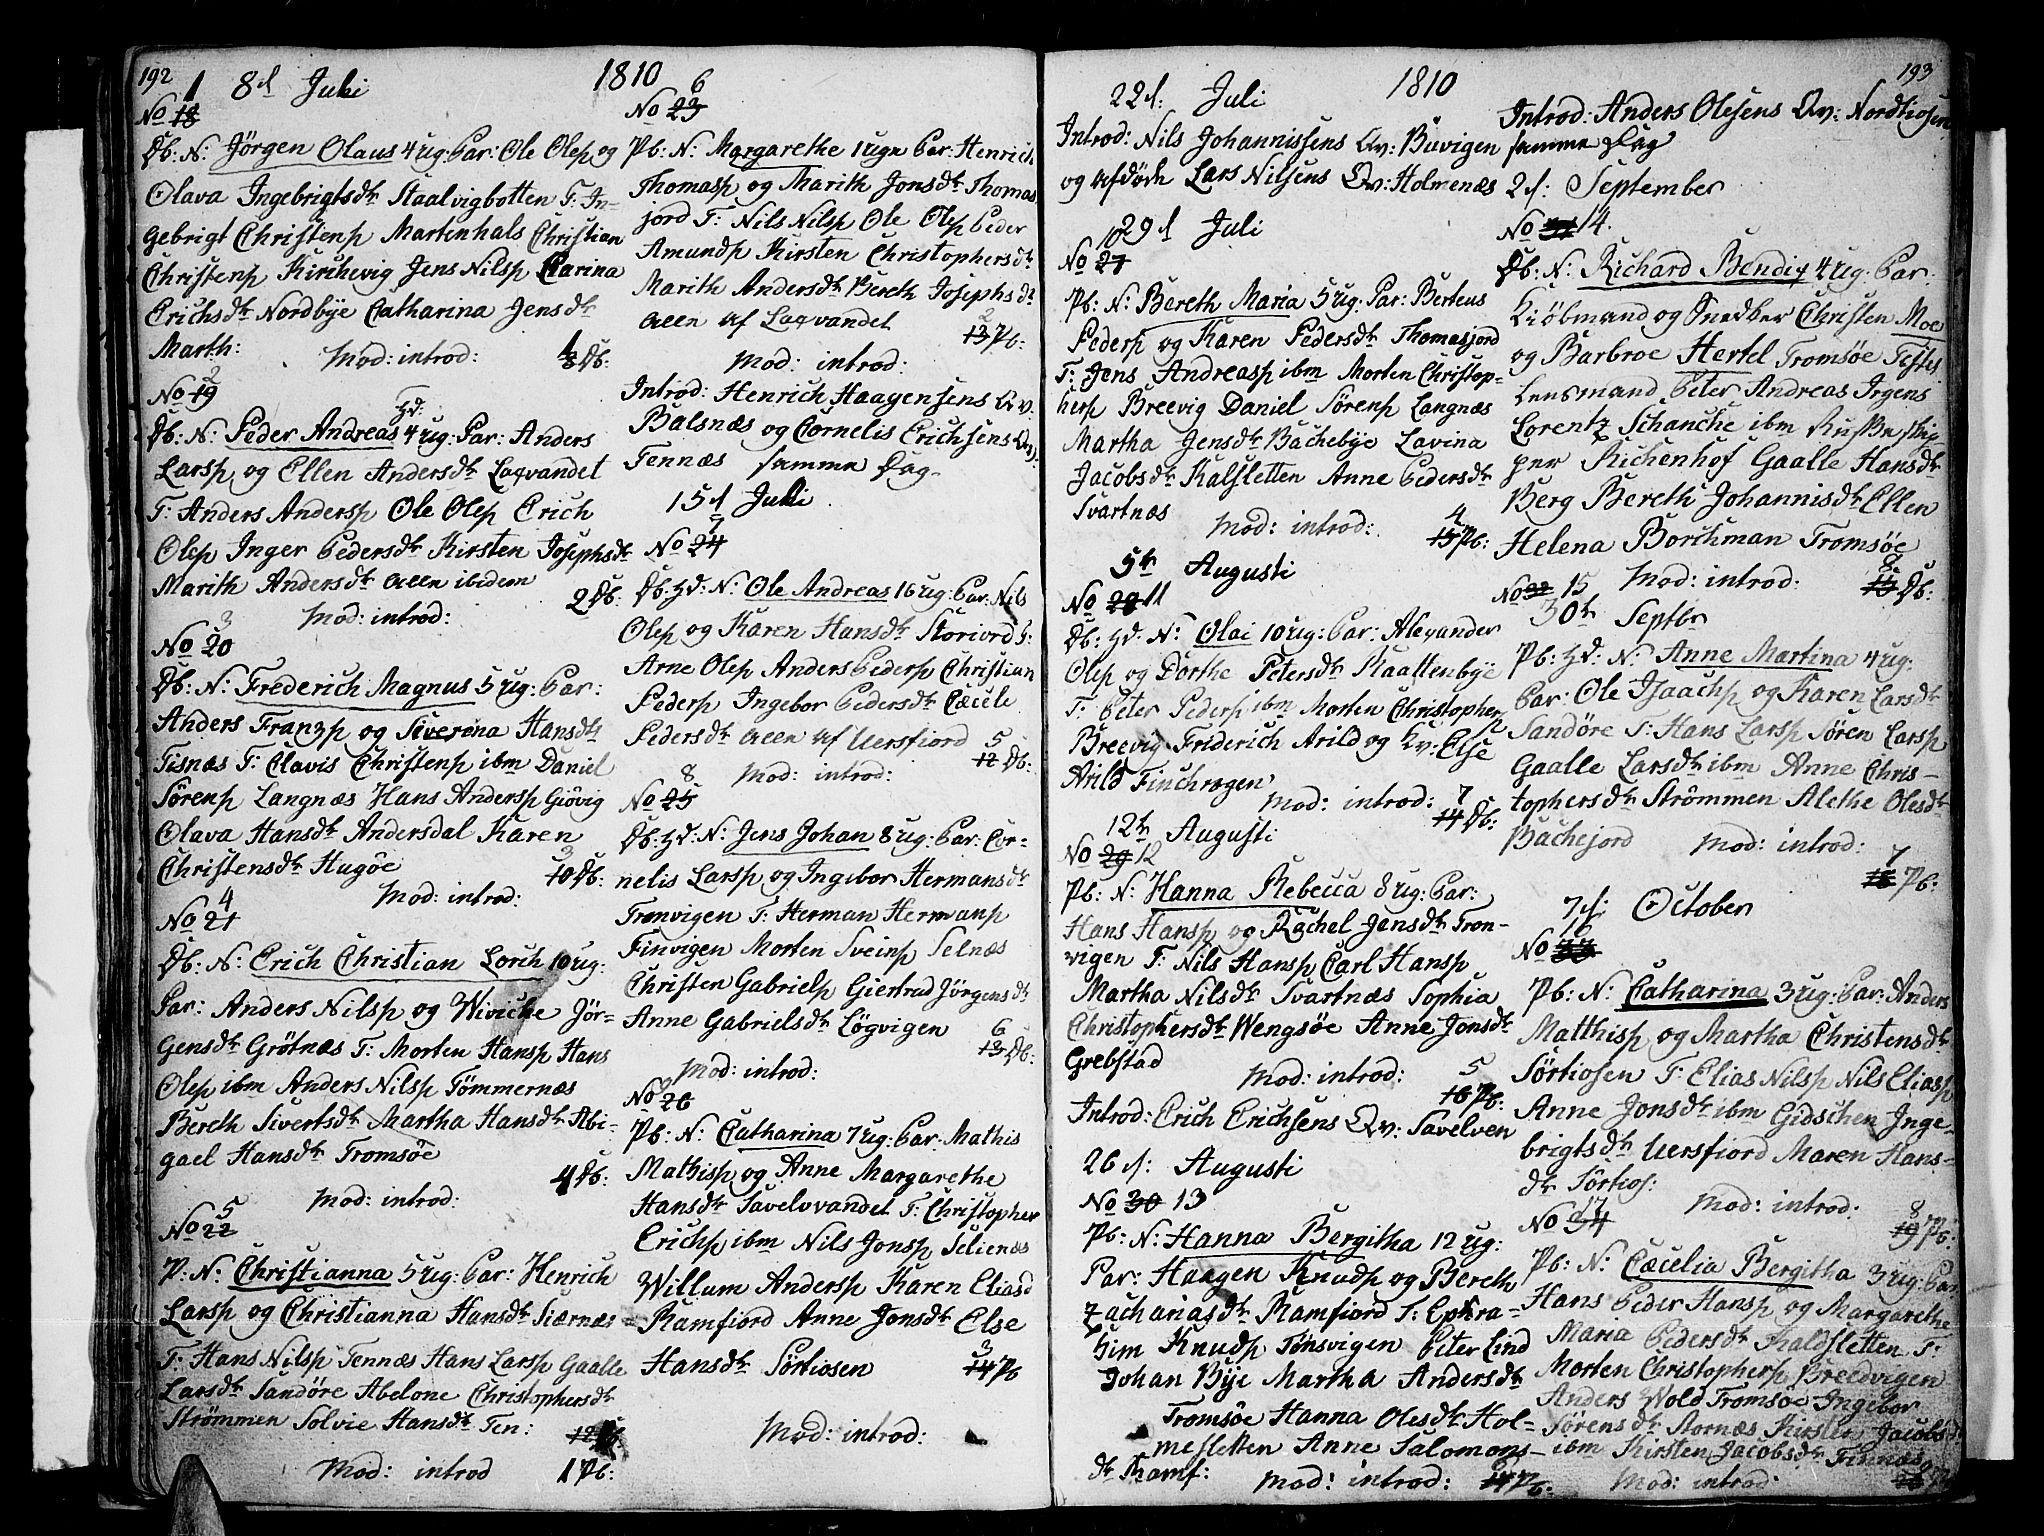 SATØ, Tromsø sokneprestkontor/stiftsprosti/domprosti, G/Ga/L0006kirke: Ministerialbok nr. 6, 1806-1821, s. 192-193